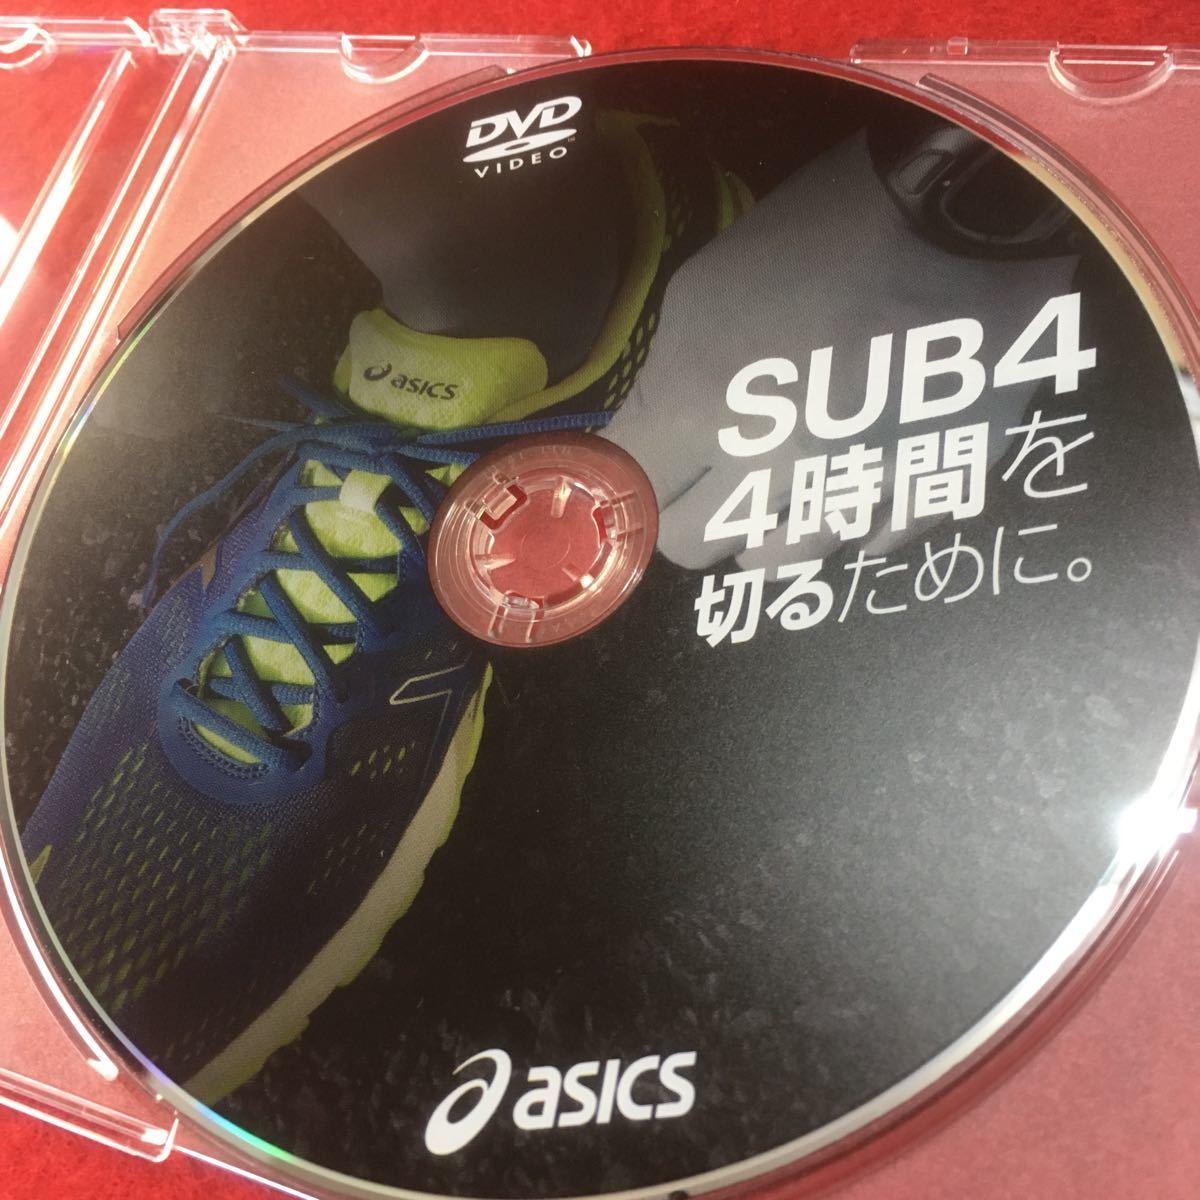 希少★送料無料★asics アシックス SUB4 4時間を切るために DVD フルマラソン トレーニング方法 サブ4 レース 検索 東京マラソン 大阪 那覇